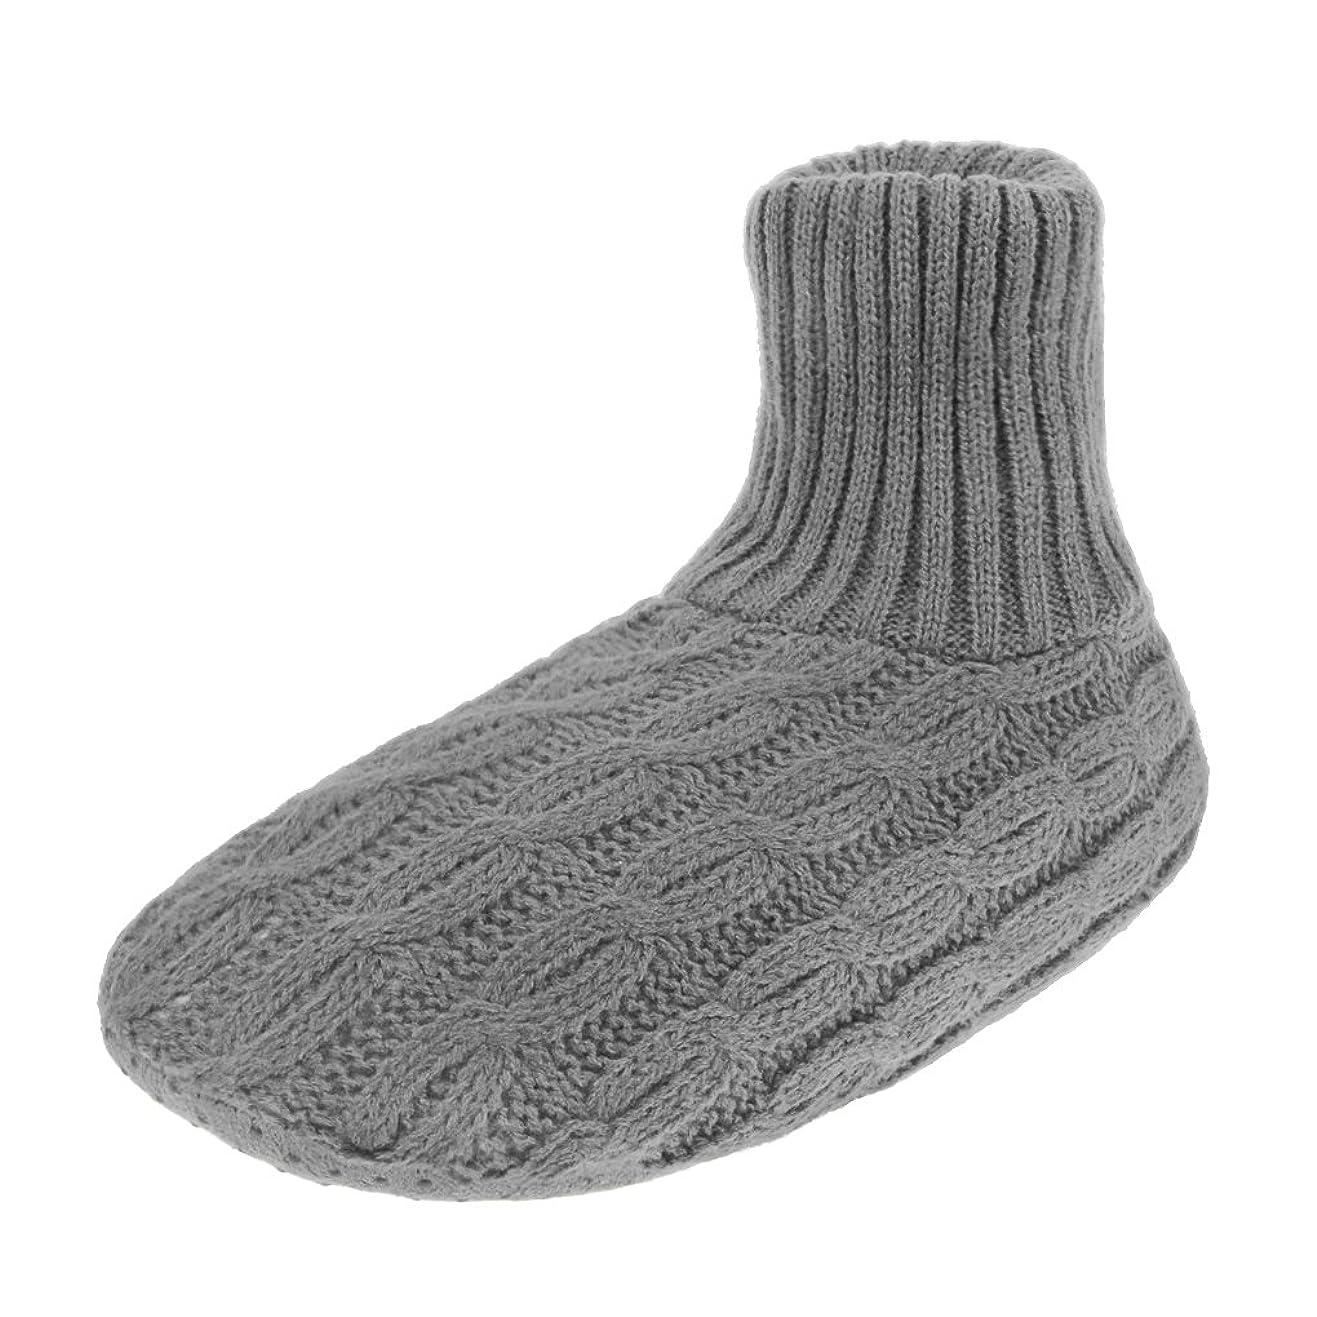 黙ホームレス発動機レディース靴下 ルームソックス 編み物 室内履き 自宅仕事用 ニット 暖かい もこもこ 寒気防止 両足温める 極厚地 柔軟 滑り止めクッション シンプル 冬 ソックス くつした ガールズ 女 女性用 成人 ジュニア 来客用